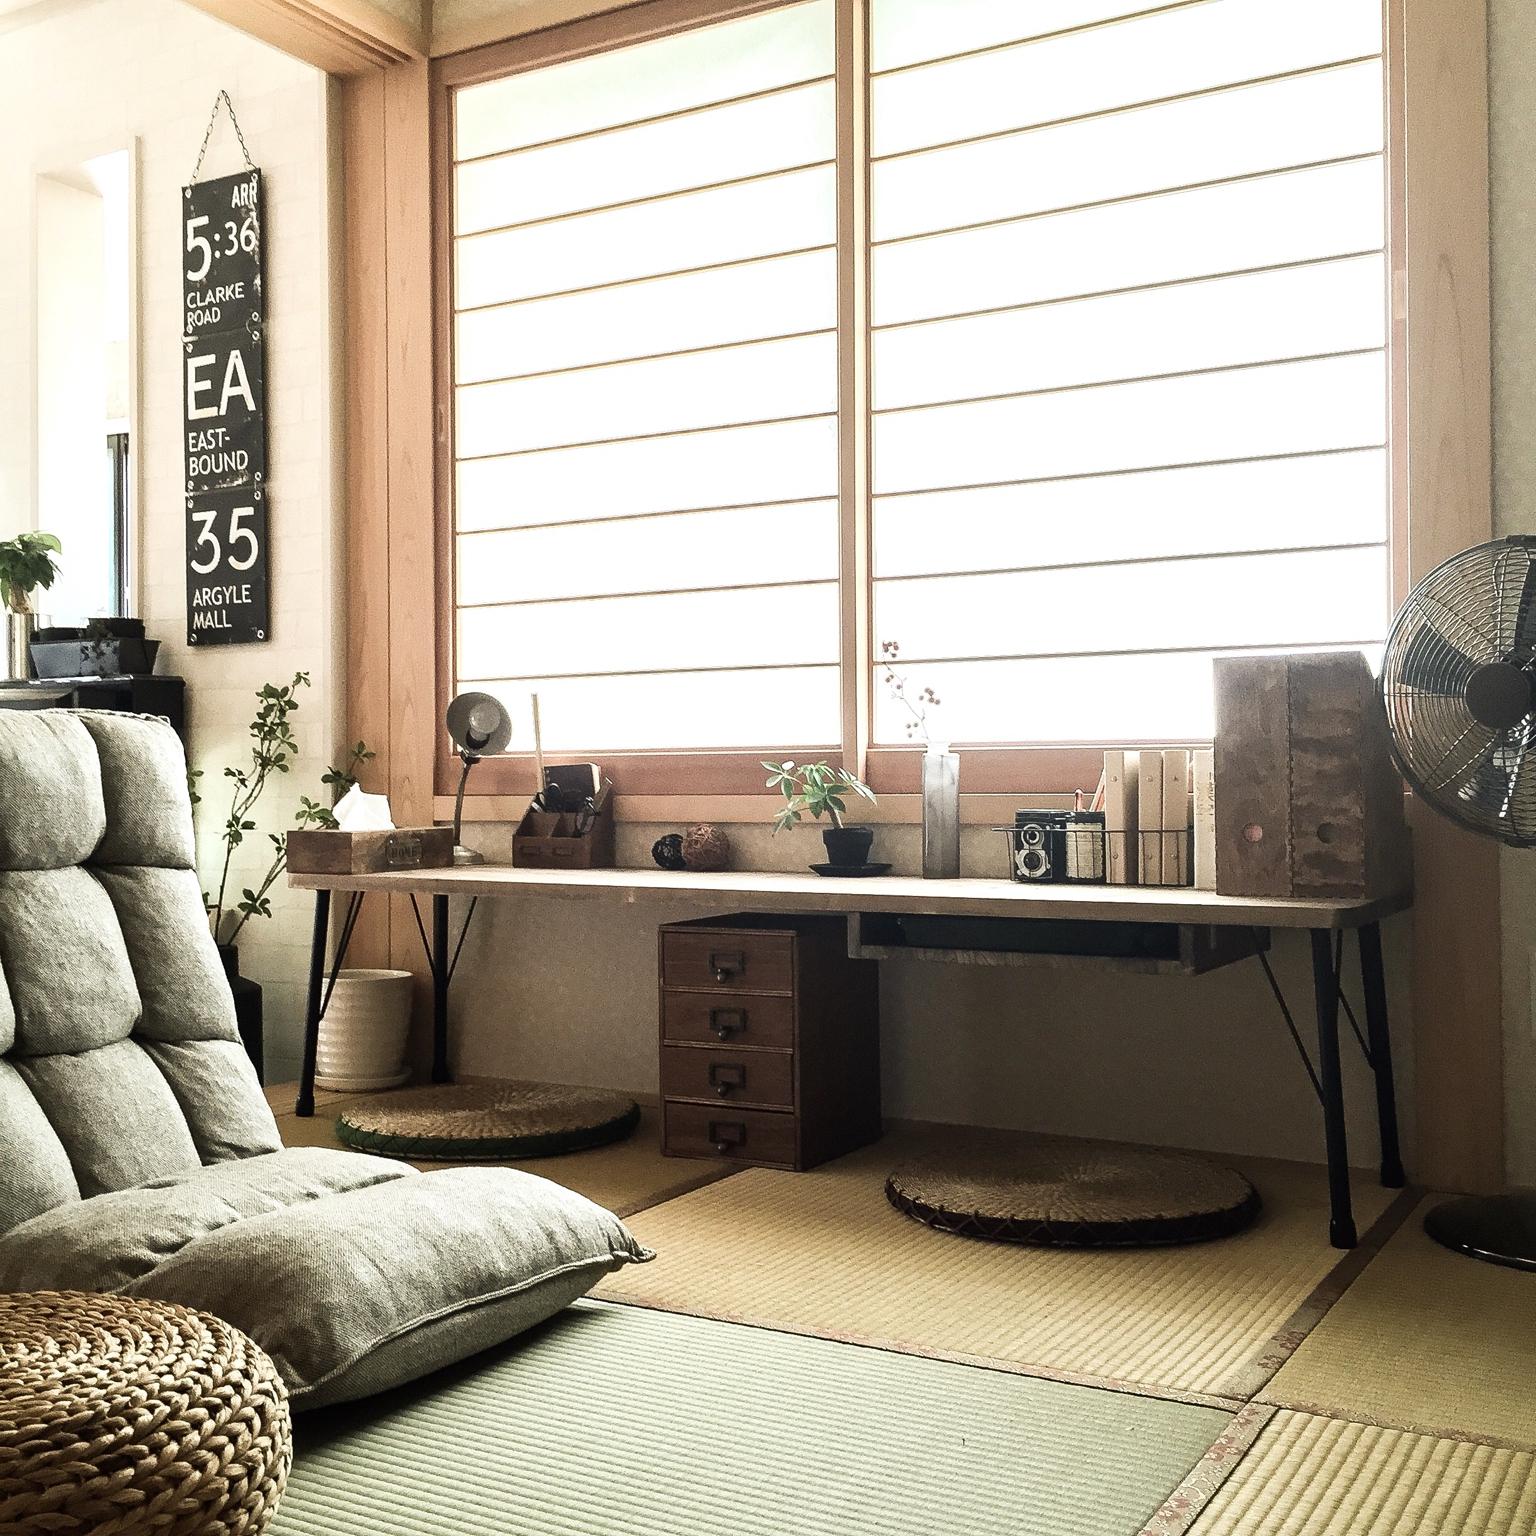 無印良品の座椅子はシックなお部屋にもナチュラルなお部屋にも♪のサムネイル画像